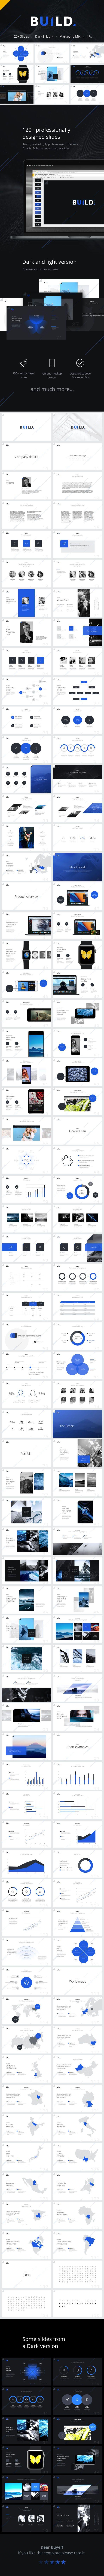 BUILD Google Slides Presentation Template. Download: https://graphicriver.net/item/build-google-slides-presentation-template/19215267?ref=thanhdesign